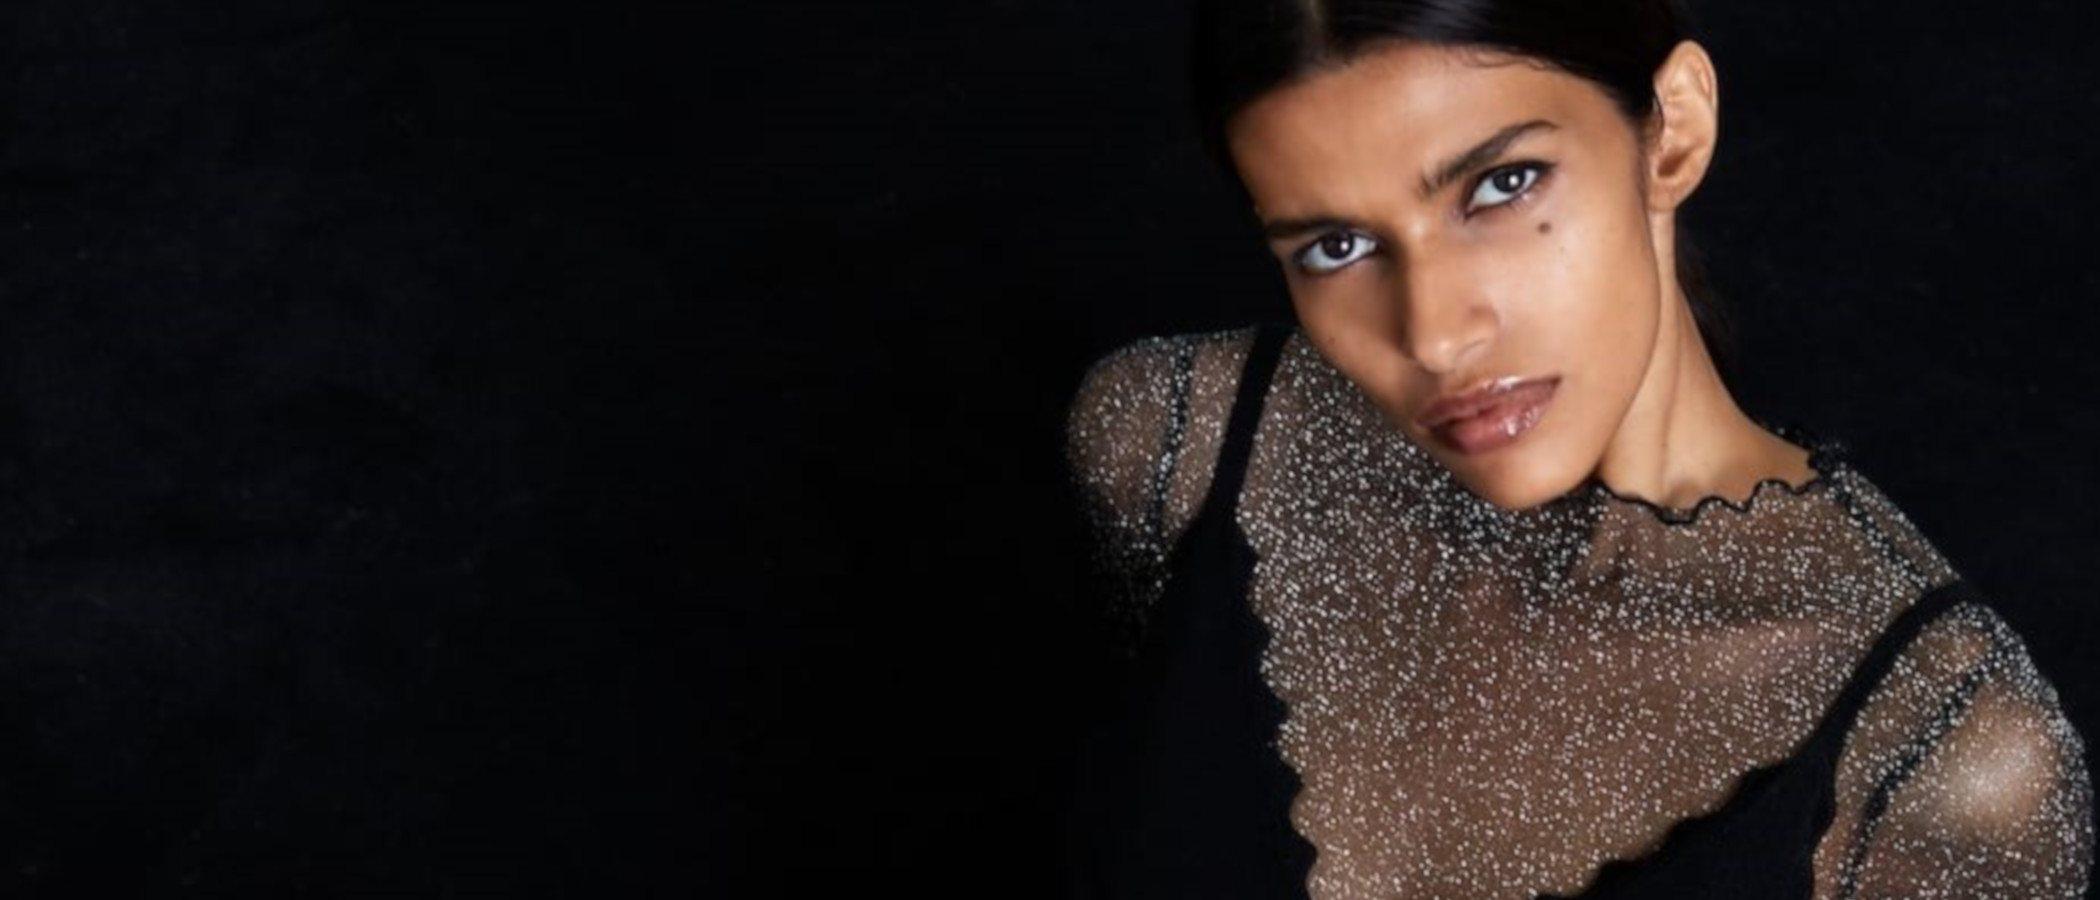 Zara se rinde a las lentejuelas y transparencias en su nueva colección de fiesta